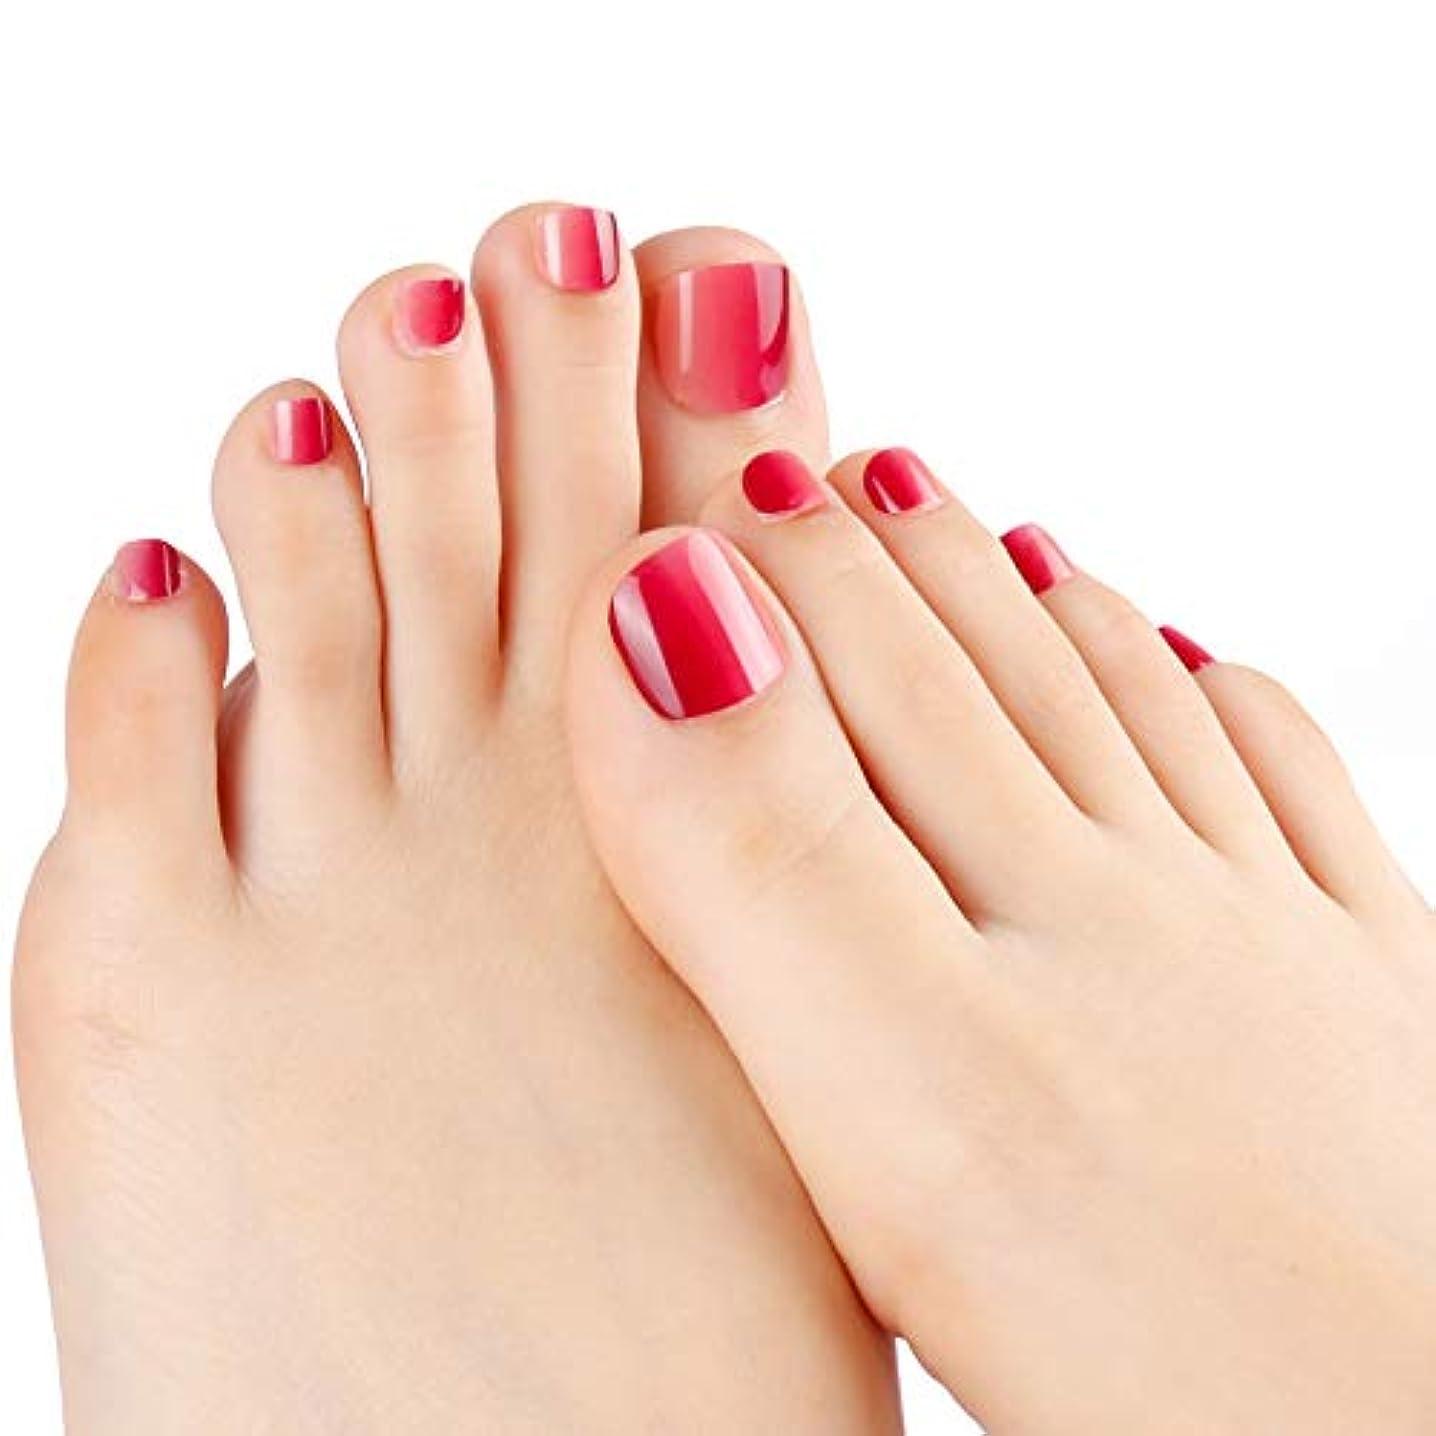 わかりやすいシエスタハチネイルチップ 24枚 12別サイズ つや 足の爪 ピンク グラデーション 短い 四角形 フルカバー